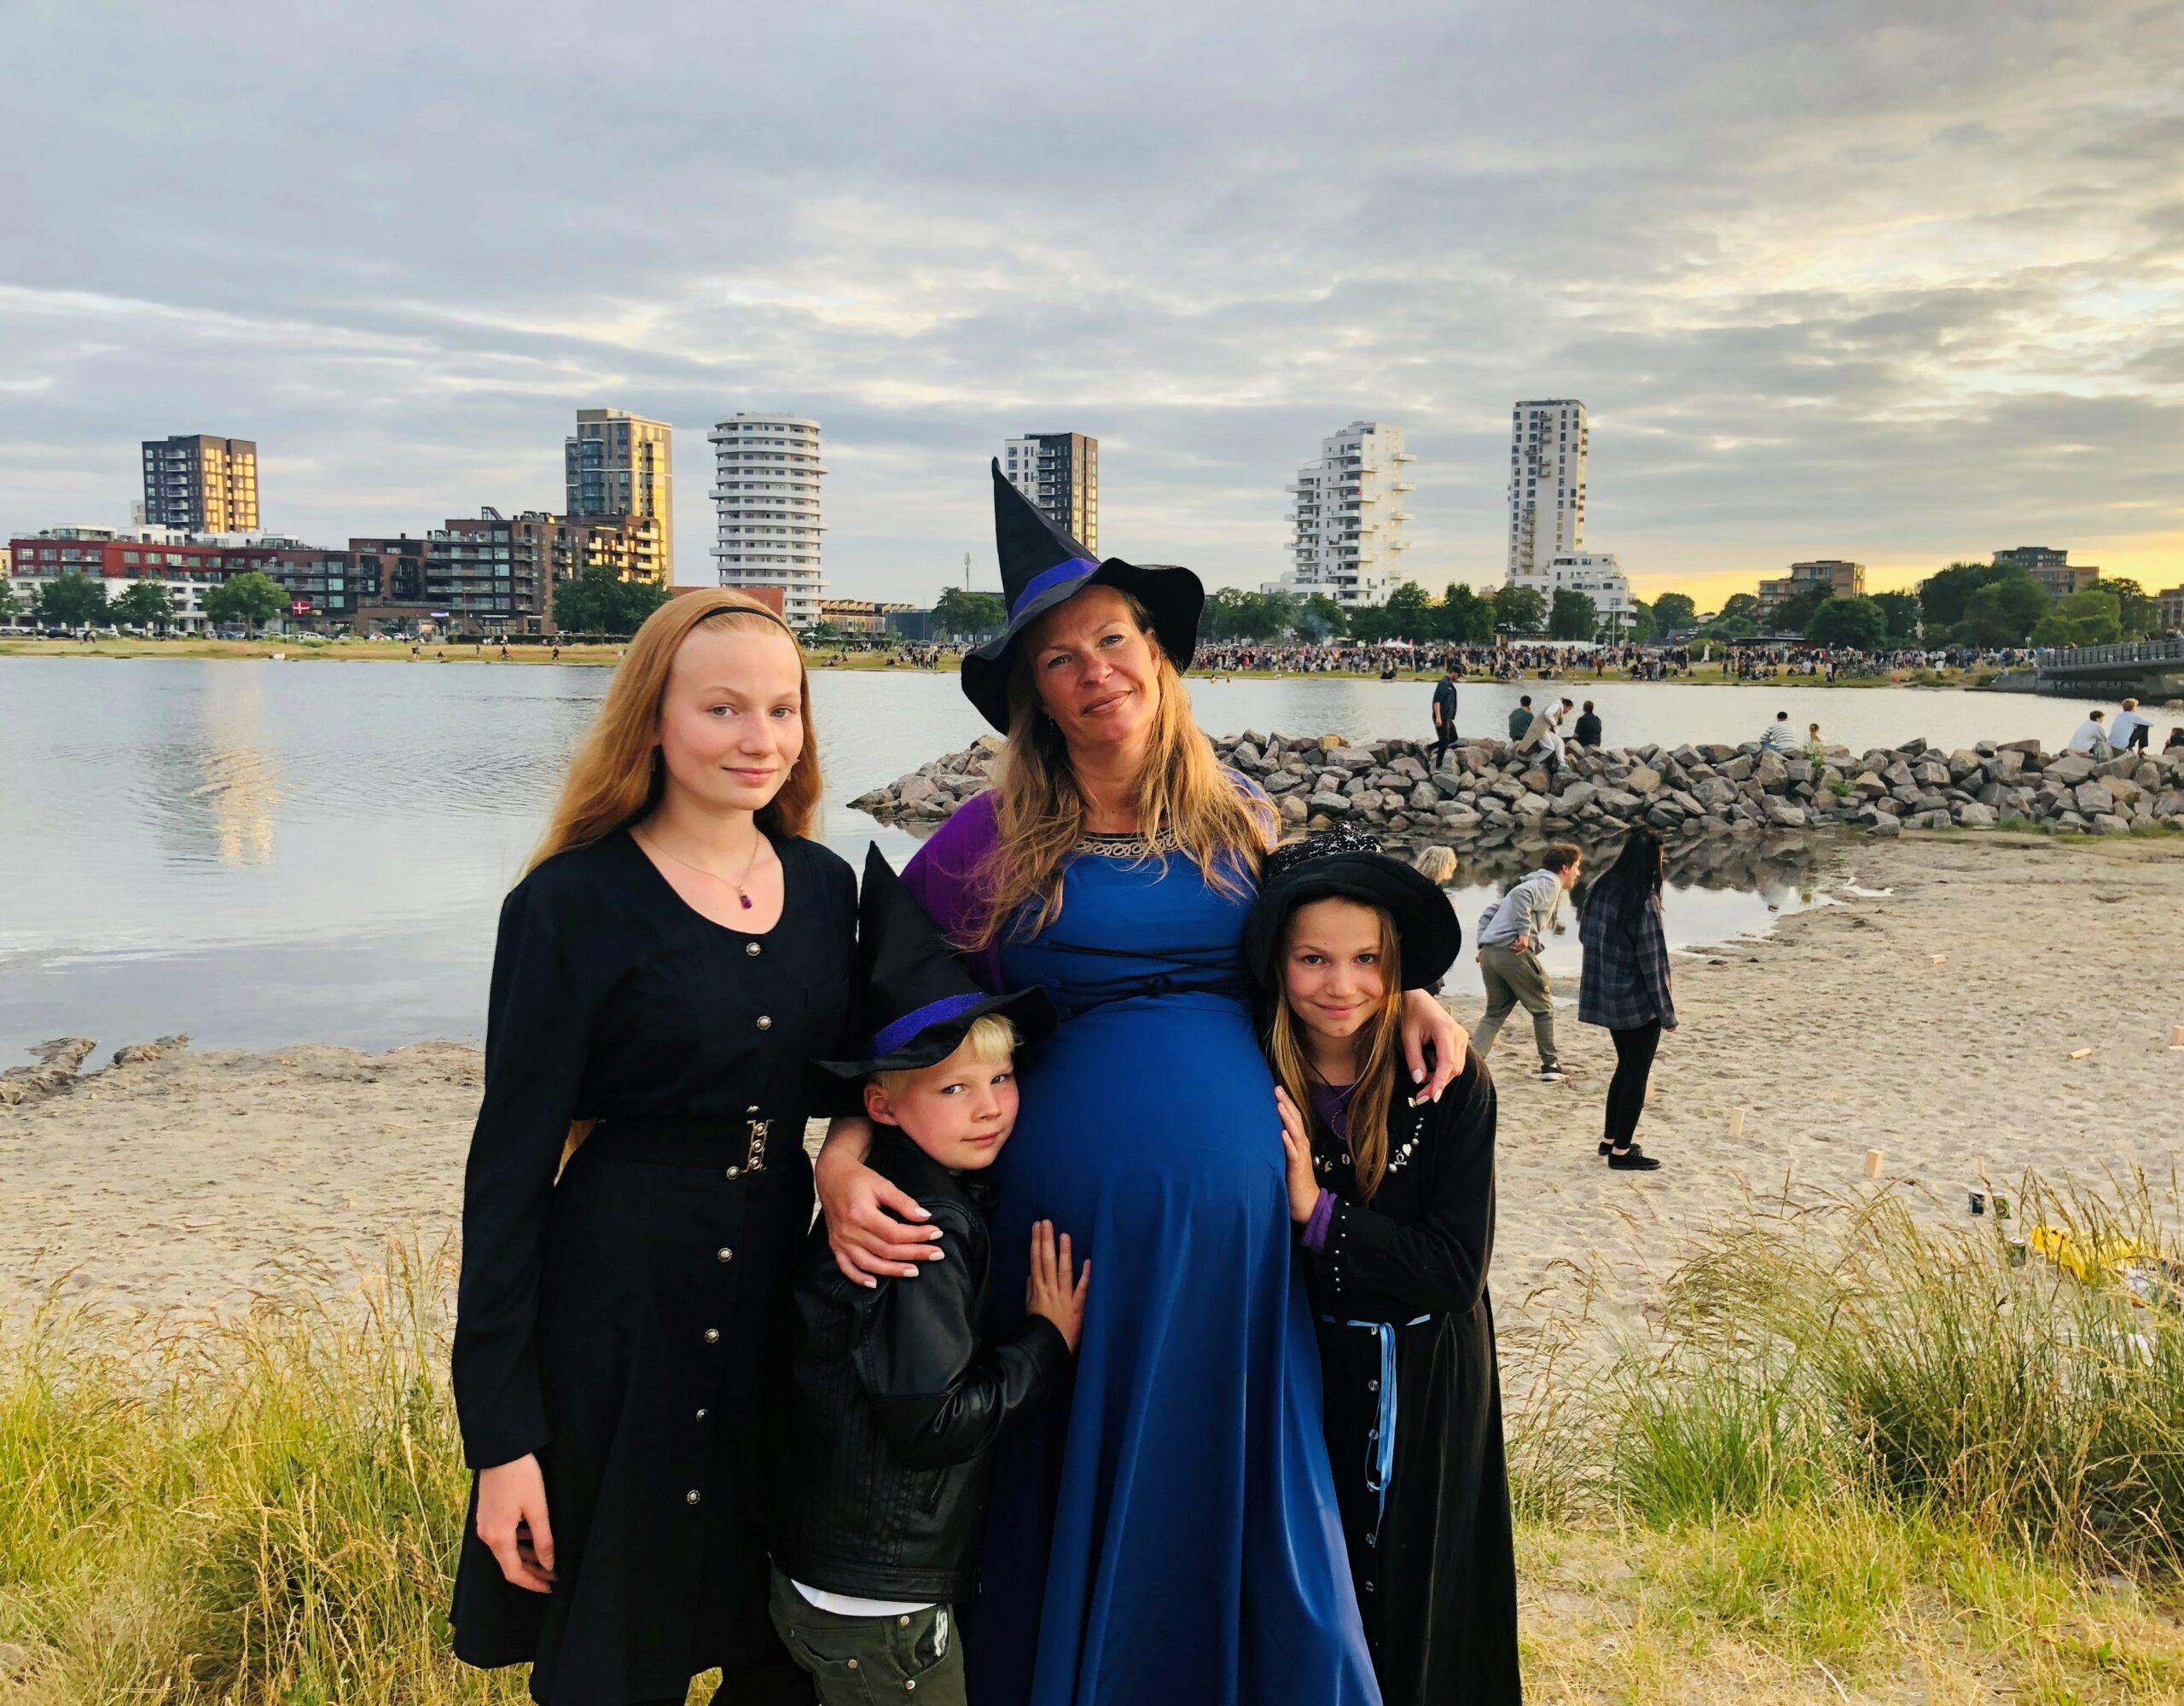 The birth squat: Mine 3 døtre, mand og søn (foruden doula og fotograf)